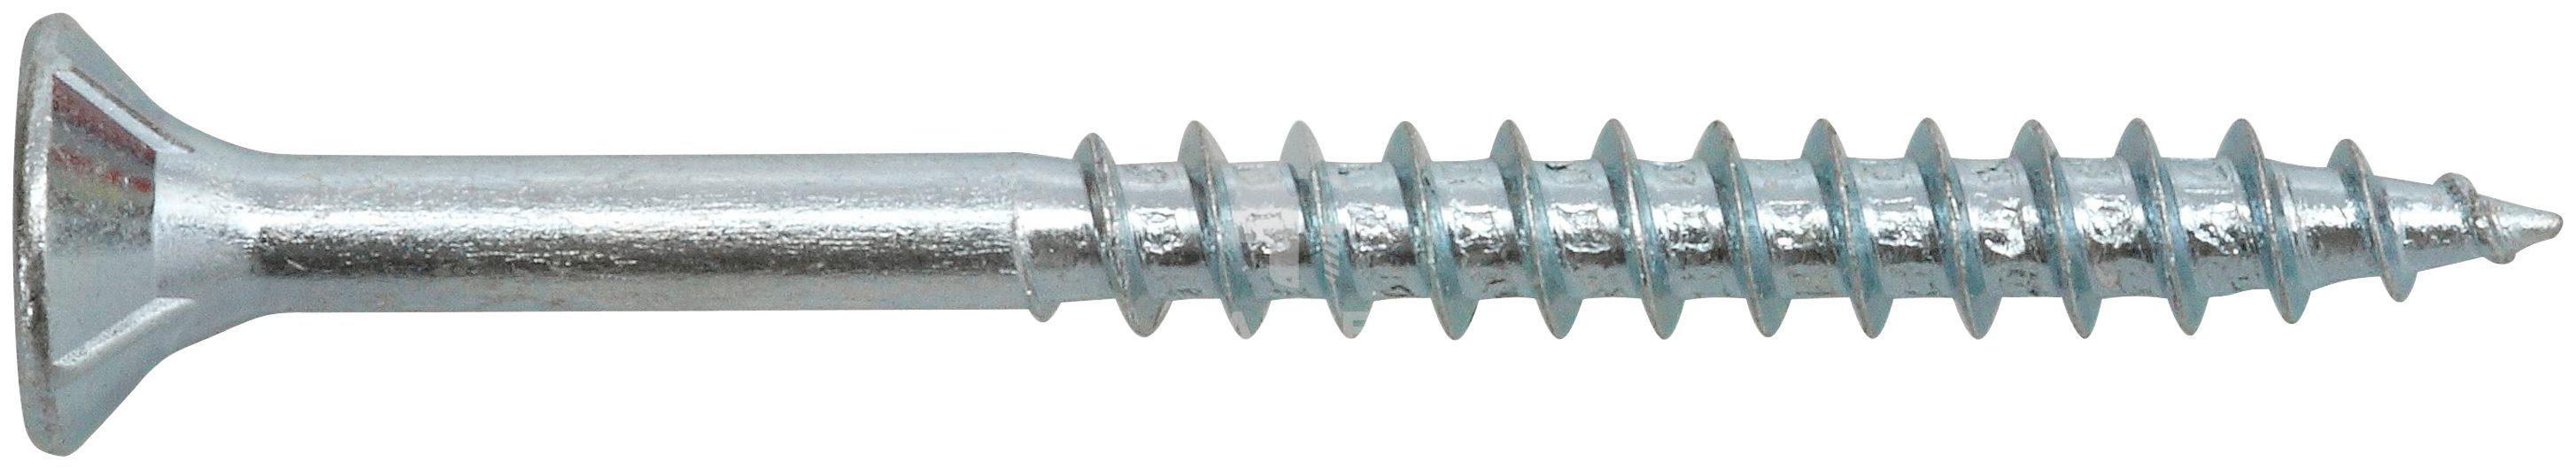 RAMSES Schrauben , Spanplattenschrauben 4 x 35 mm 200 Stk.